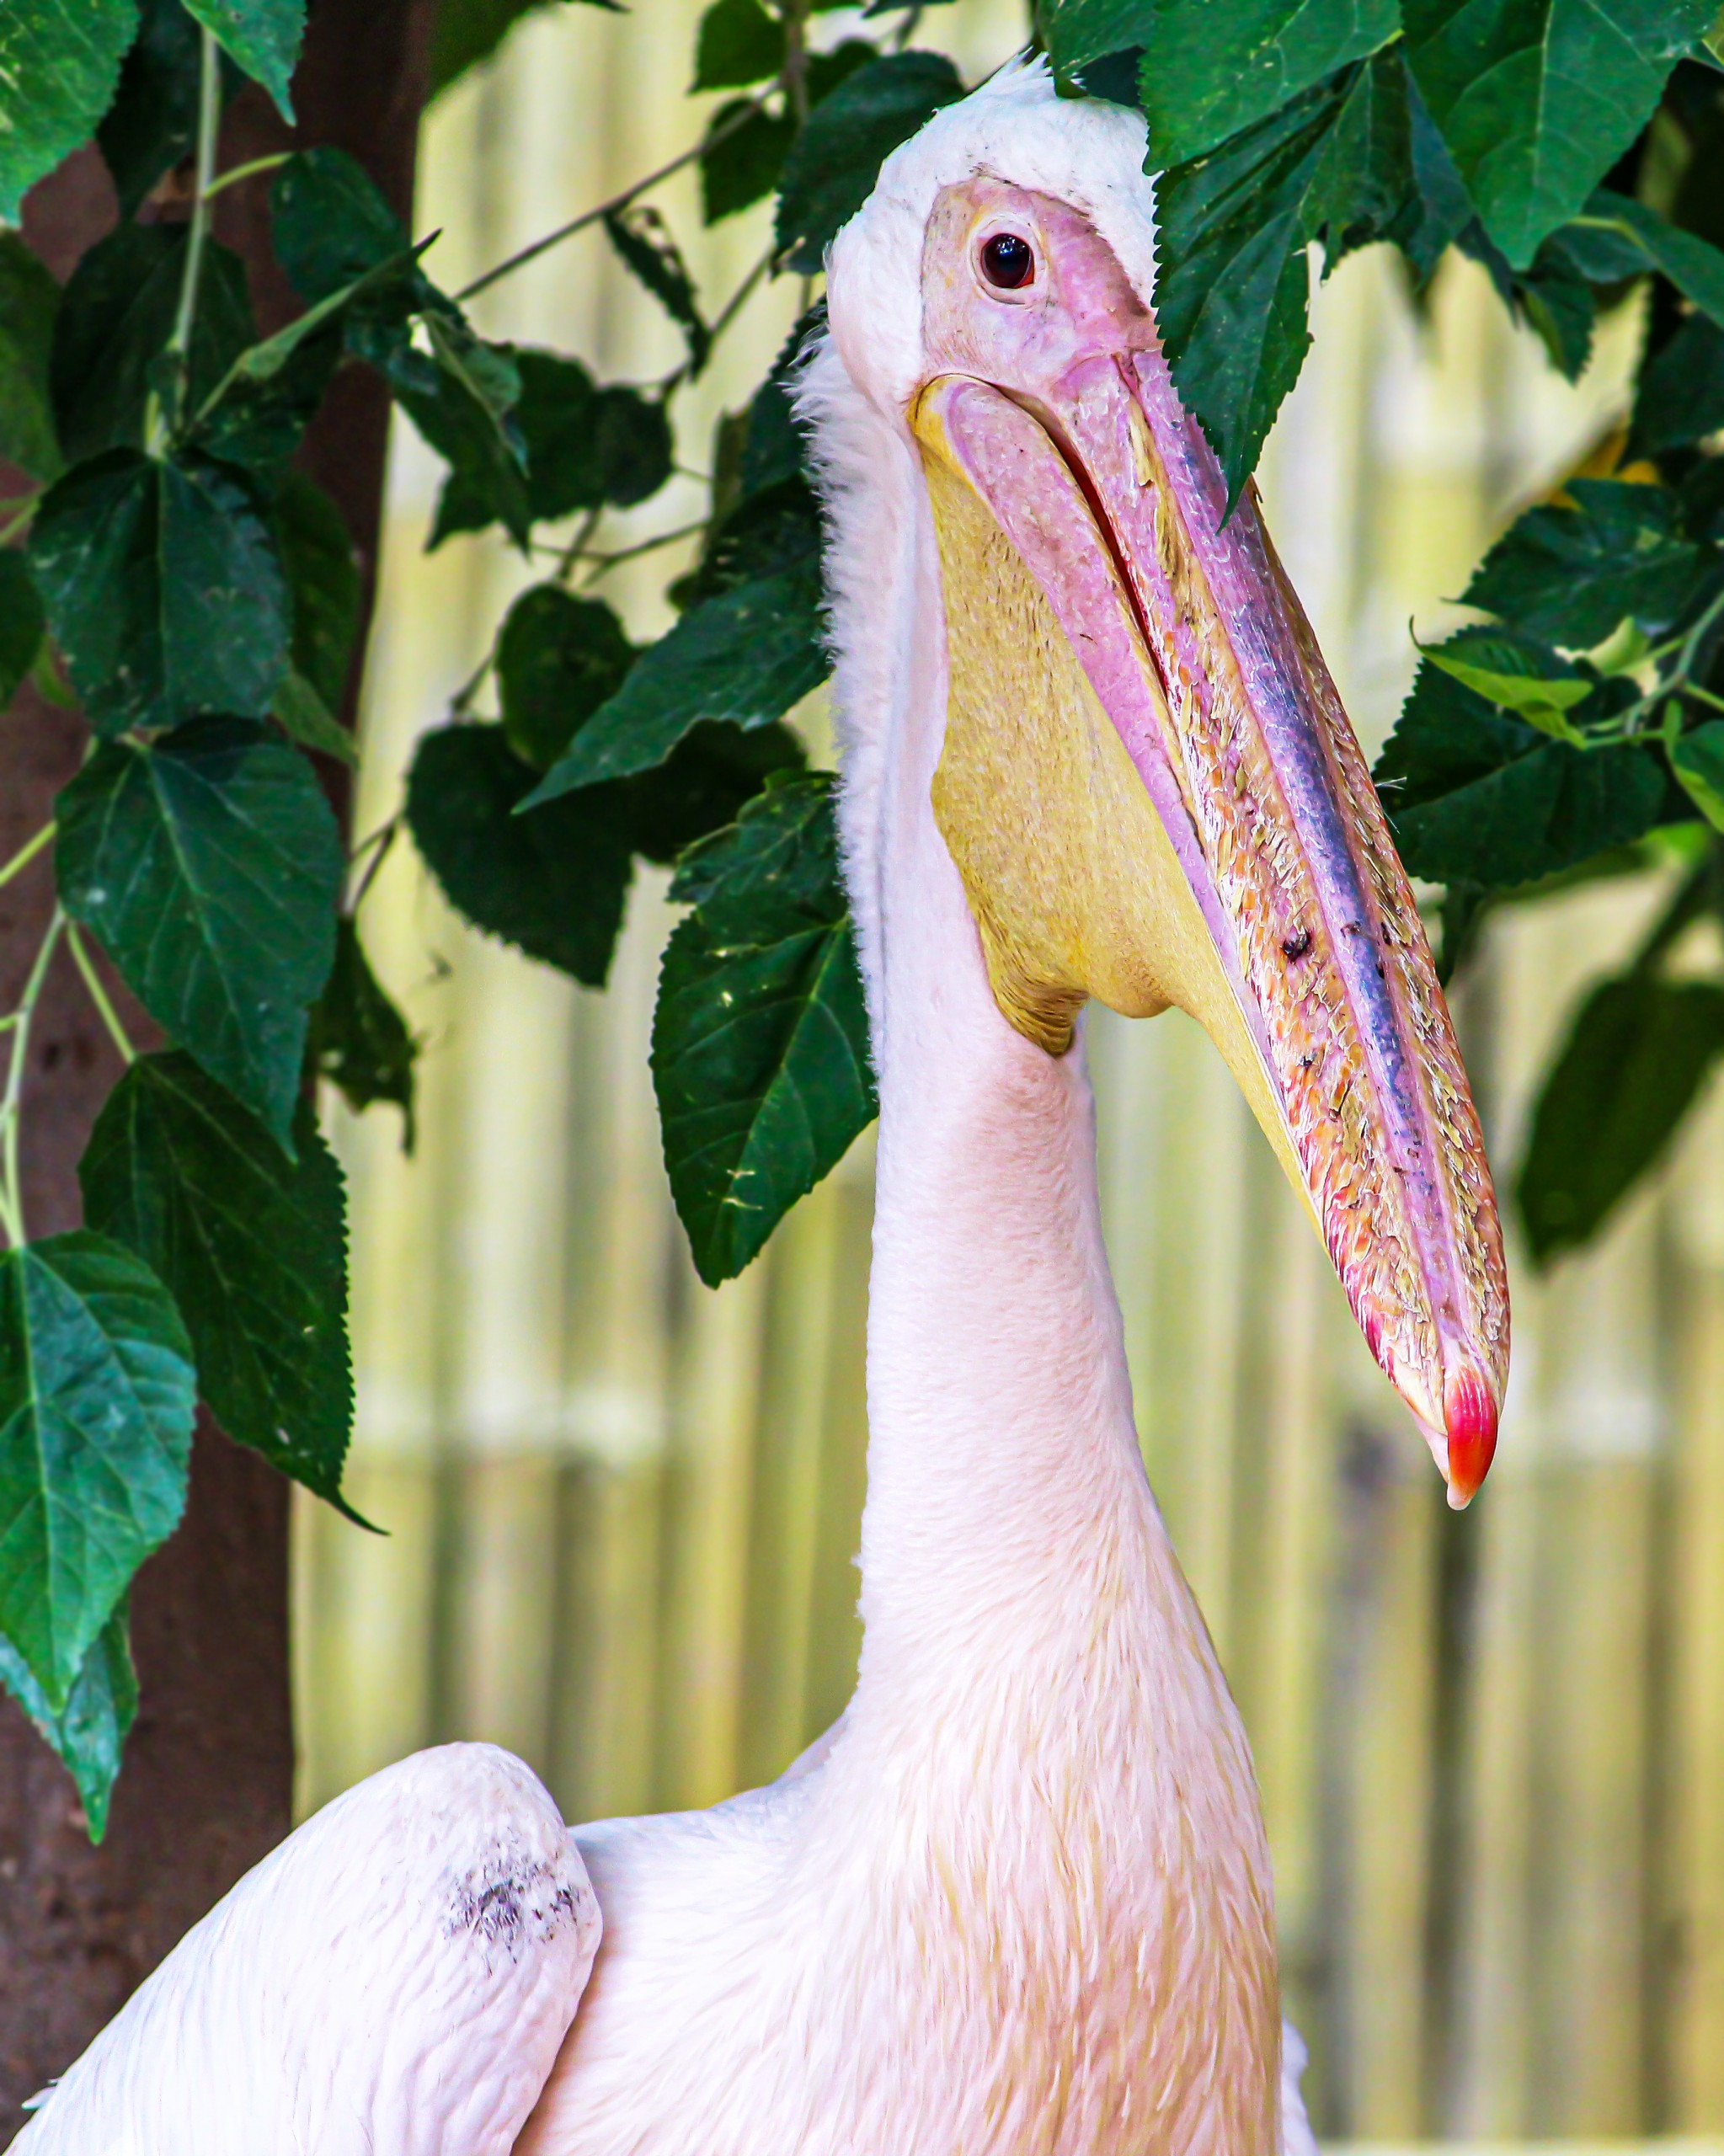 Pelican Bird with Beak